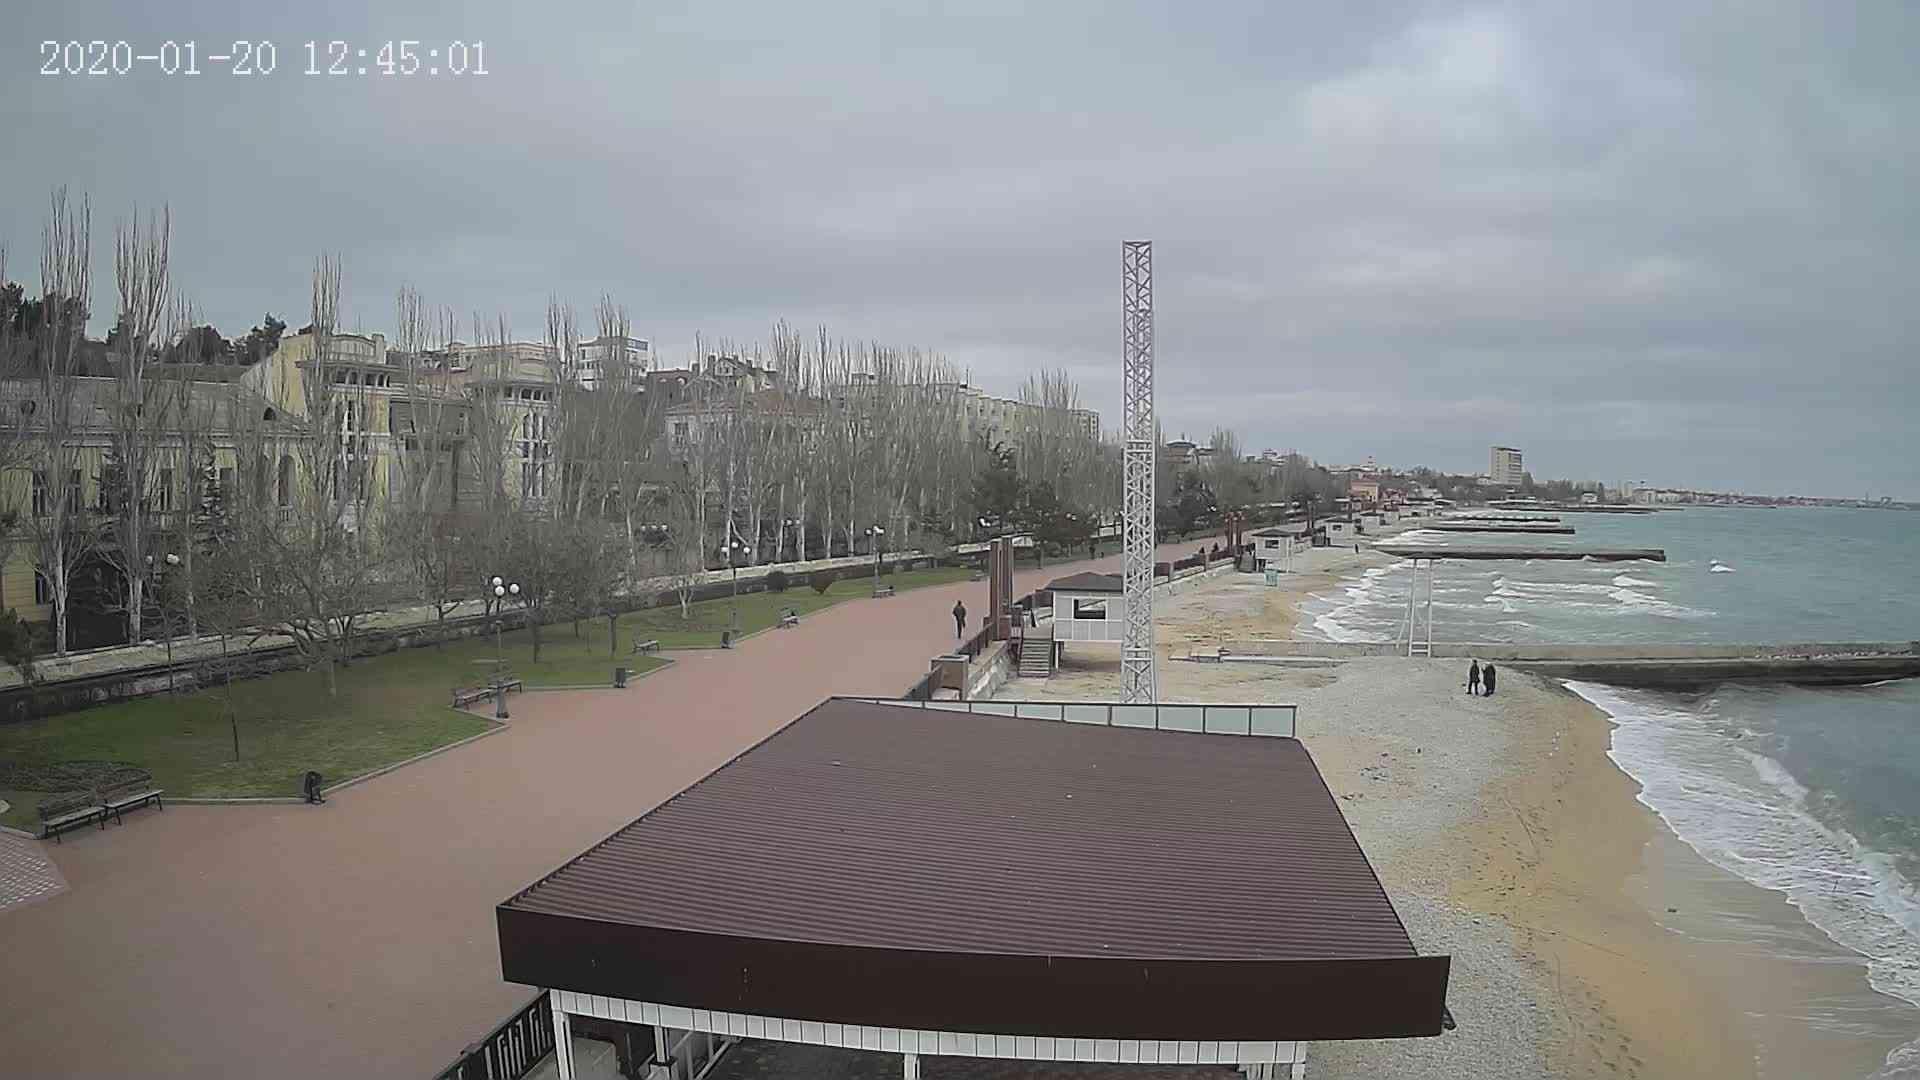 Веб-камеры Феодосии, Пляж Камешки, 2020-01-20 12:45:21